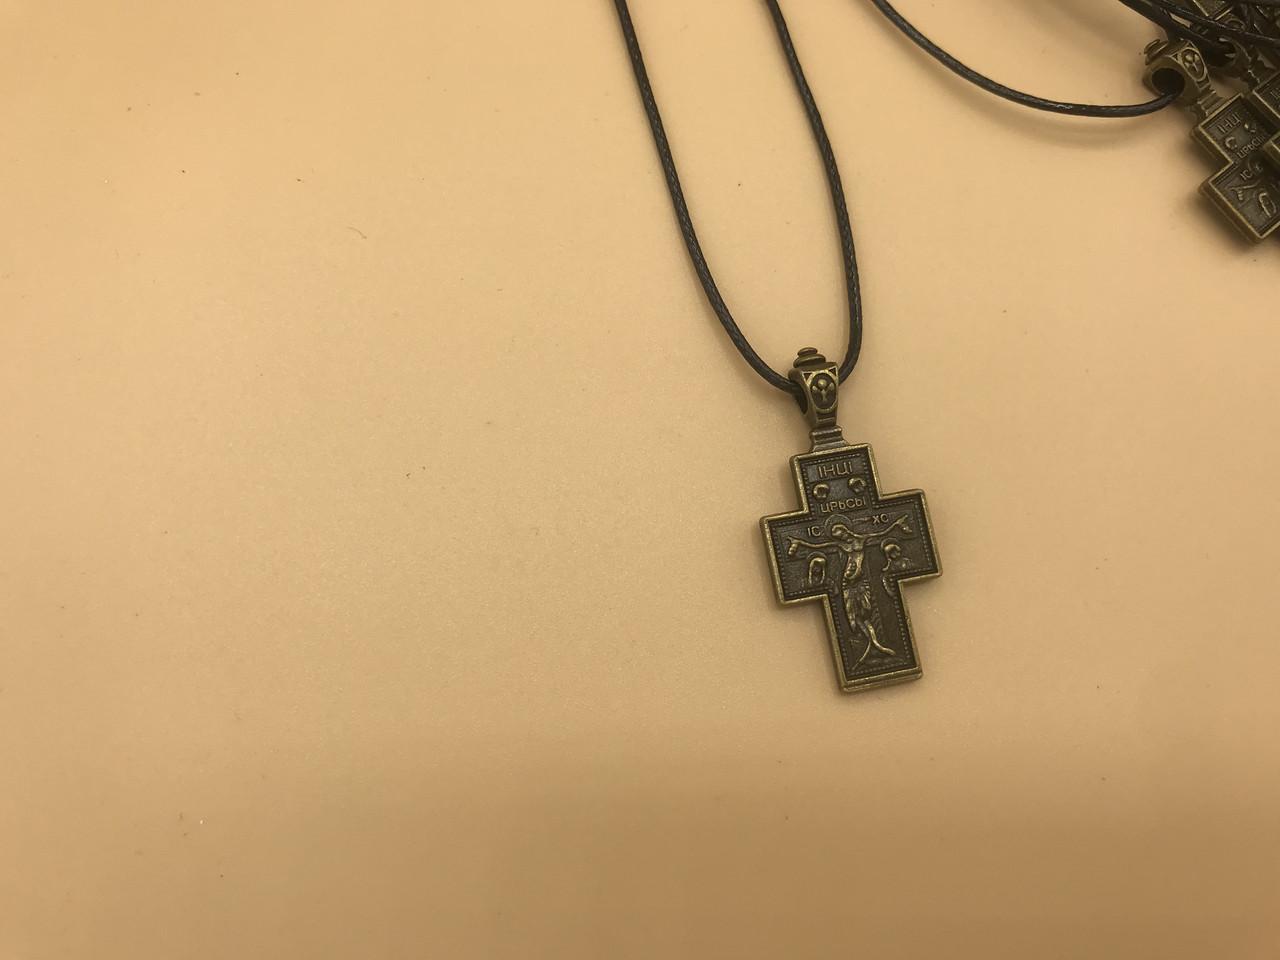 Хрестик фигурный из черненого металла